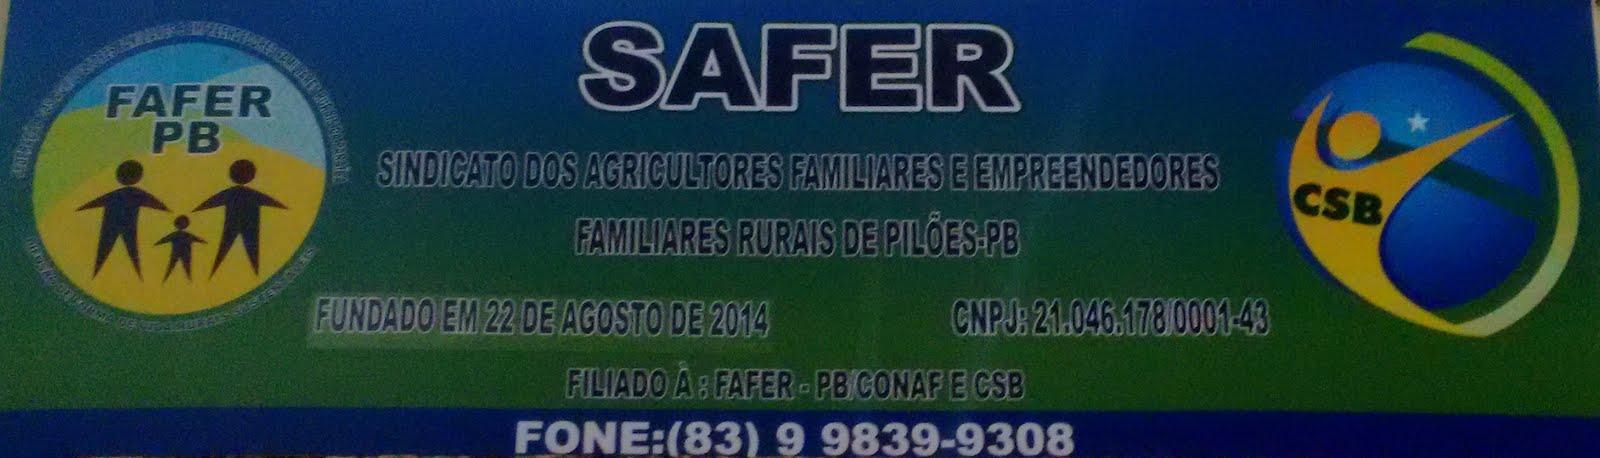 SINDICATO DOS AGRICULTORES RUARAIS